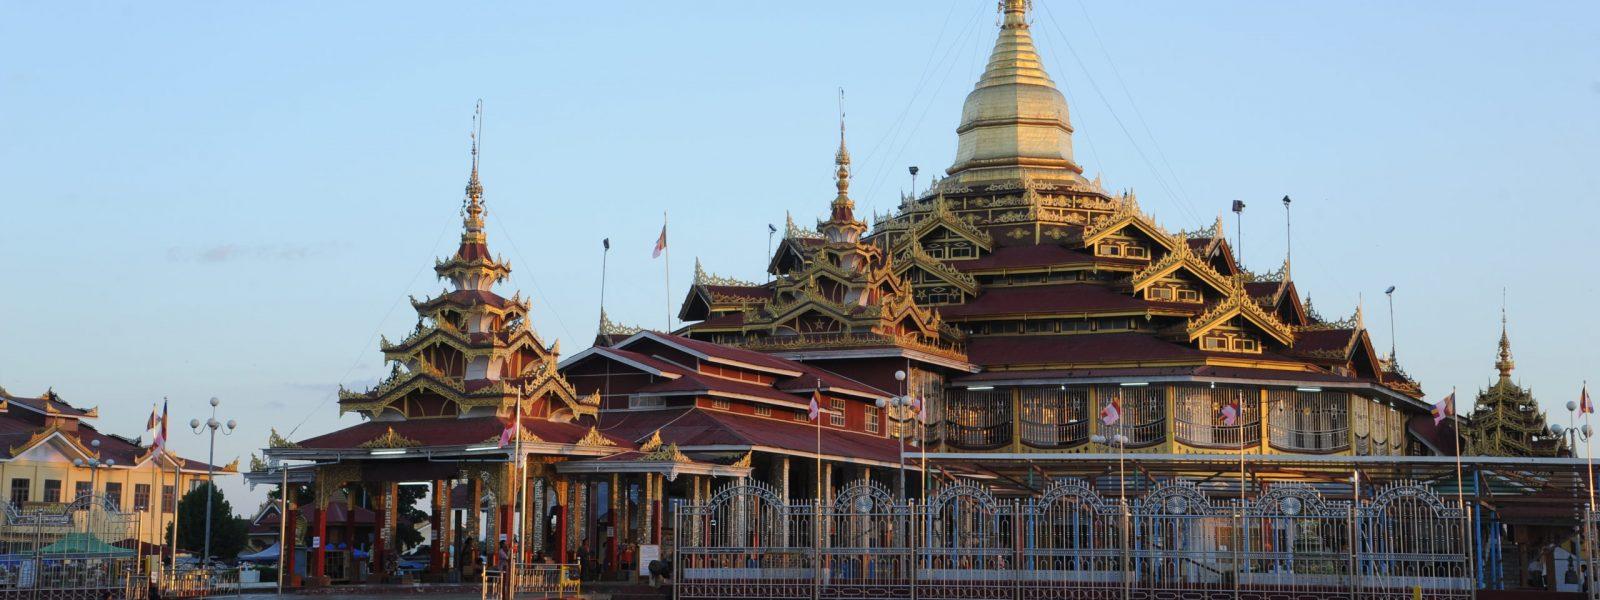 Phaung Daw Oo Pagoda - Phaung Daw Oo Pagoda Festival - Inle Lake - Sampan Travel